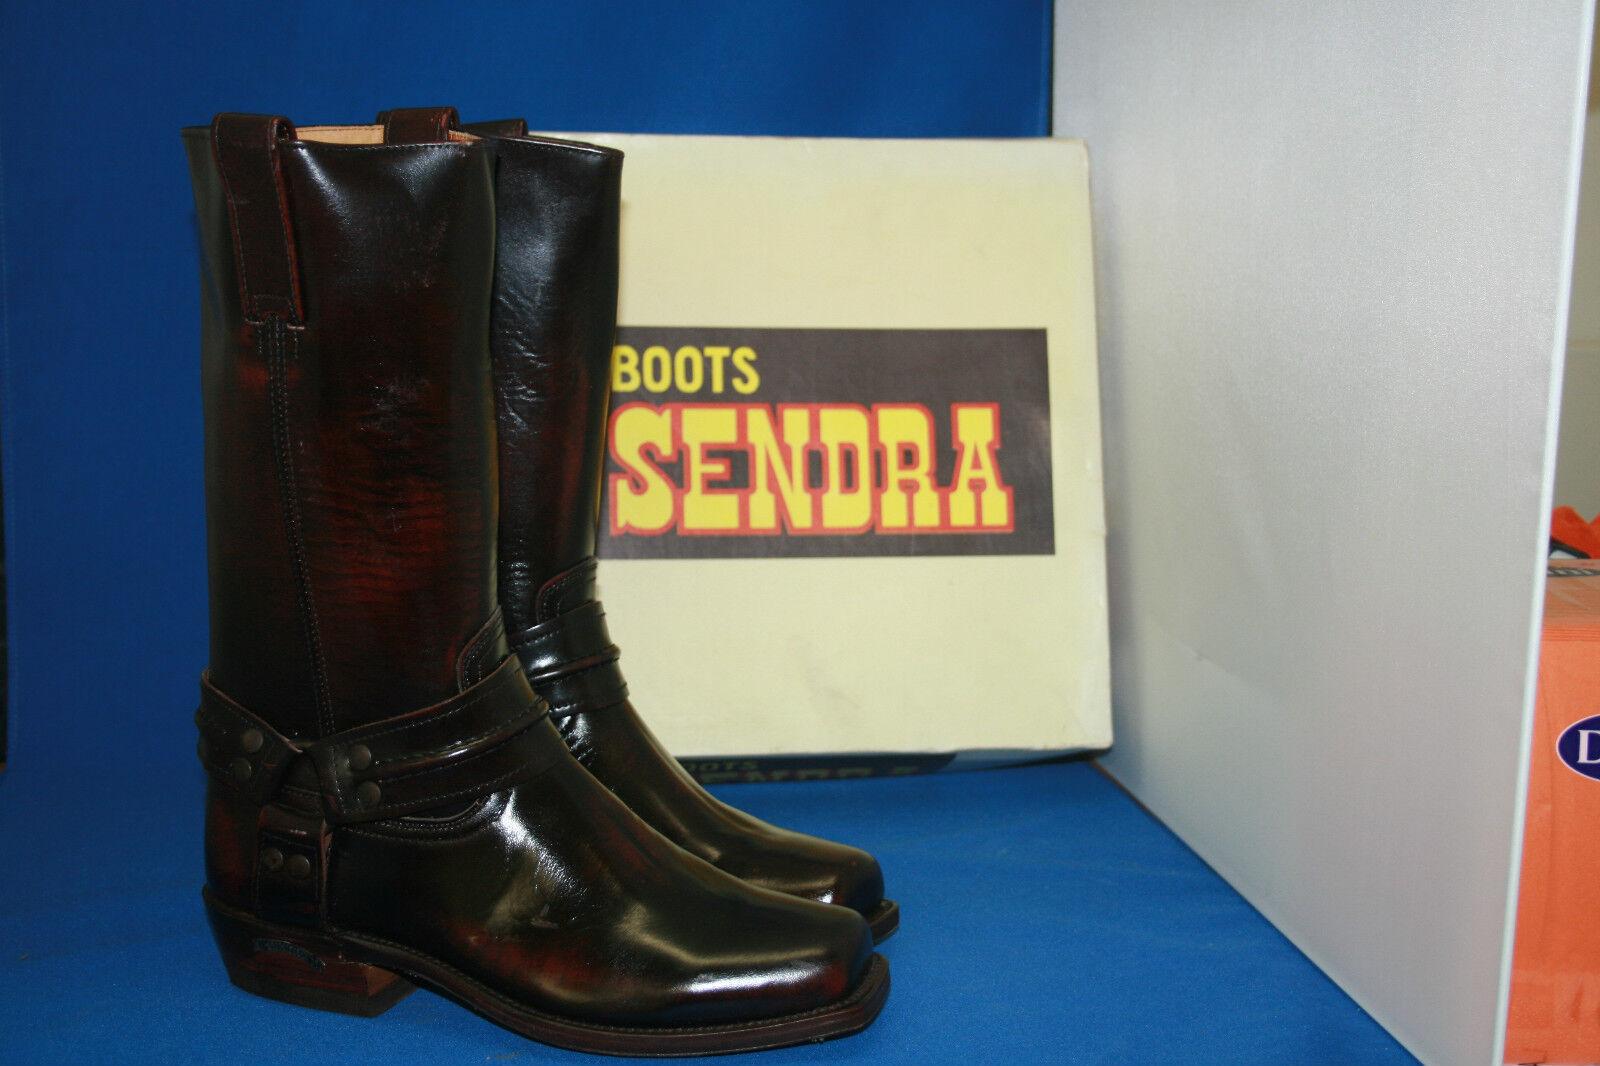 Gran descuento Sendra boots botas Biker Western botas boots de cuero nuevo talla. 6 1/2 fucsia GR. 39 3d2db0